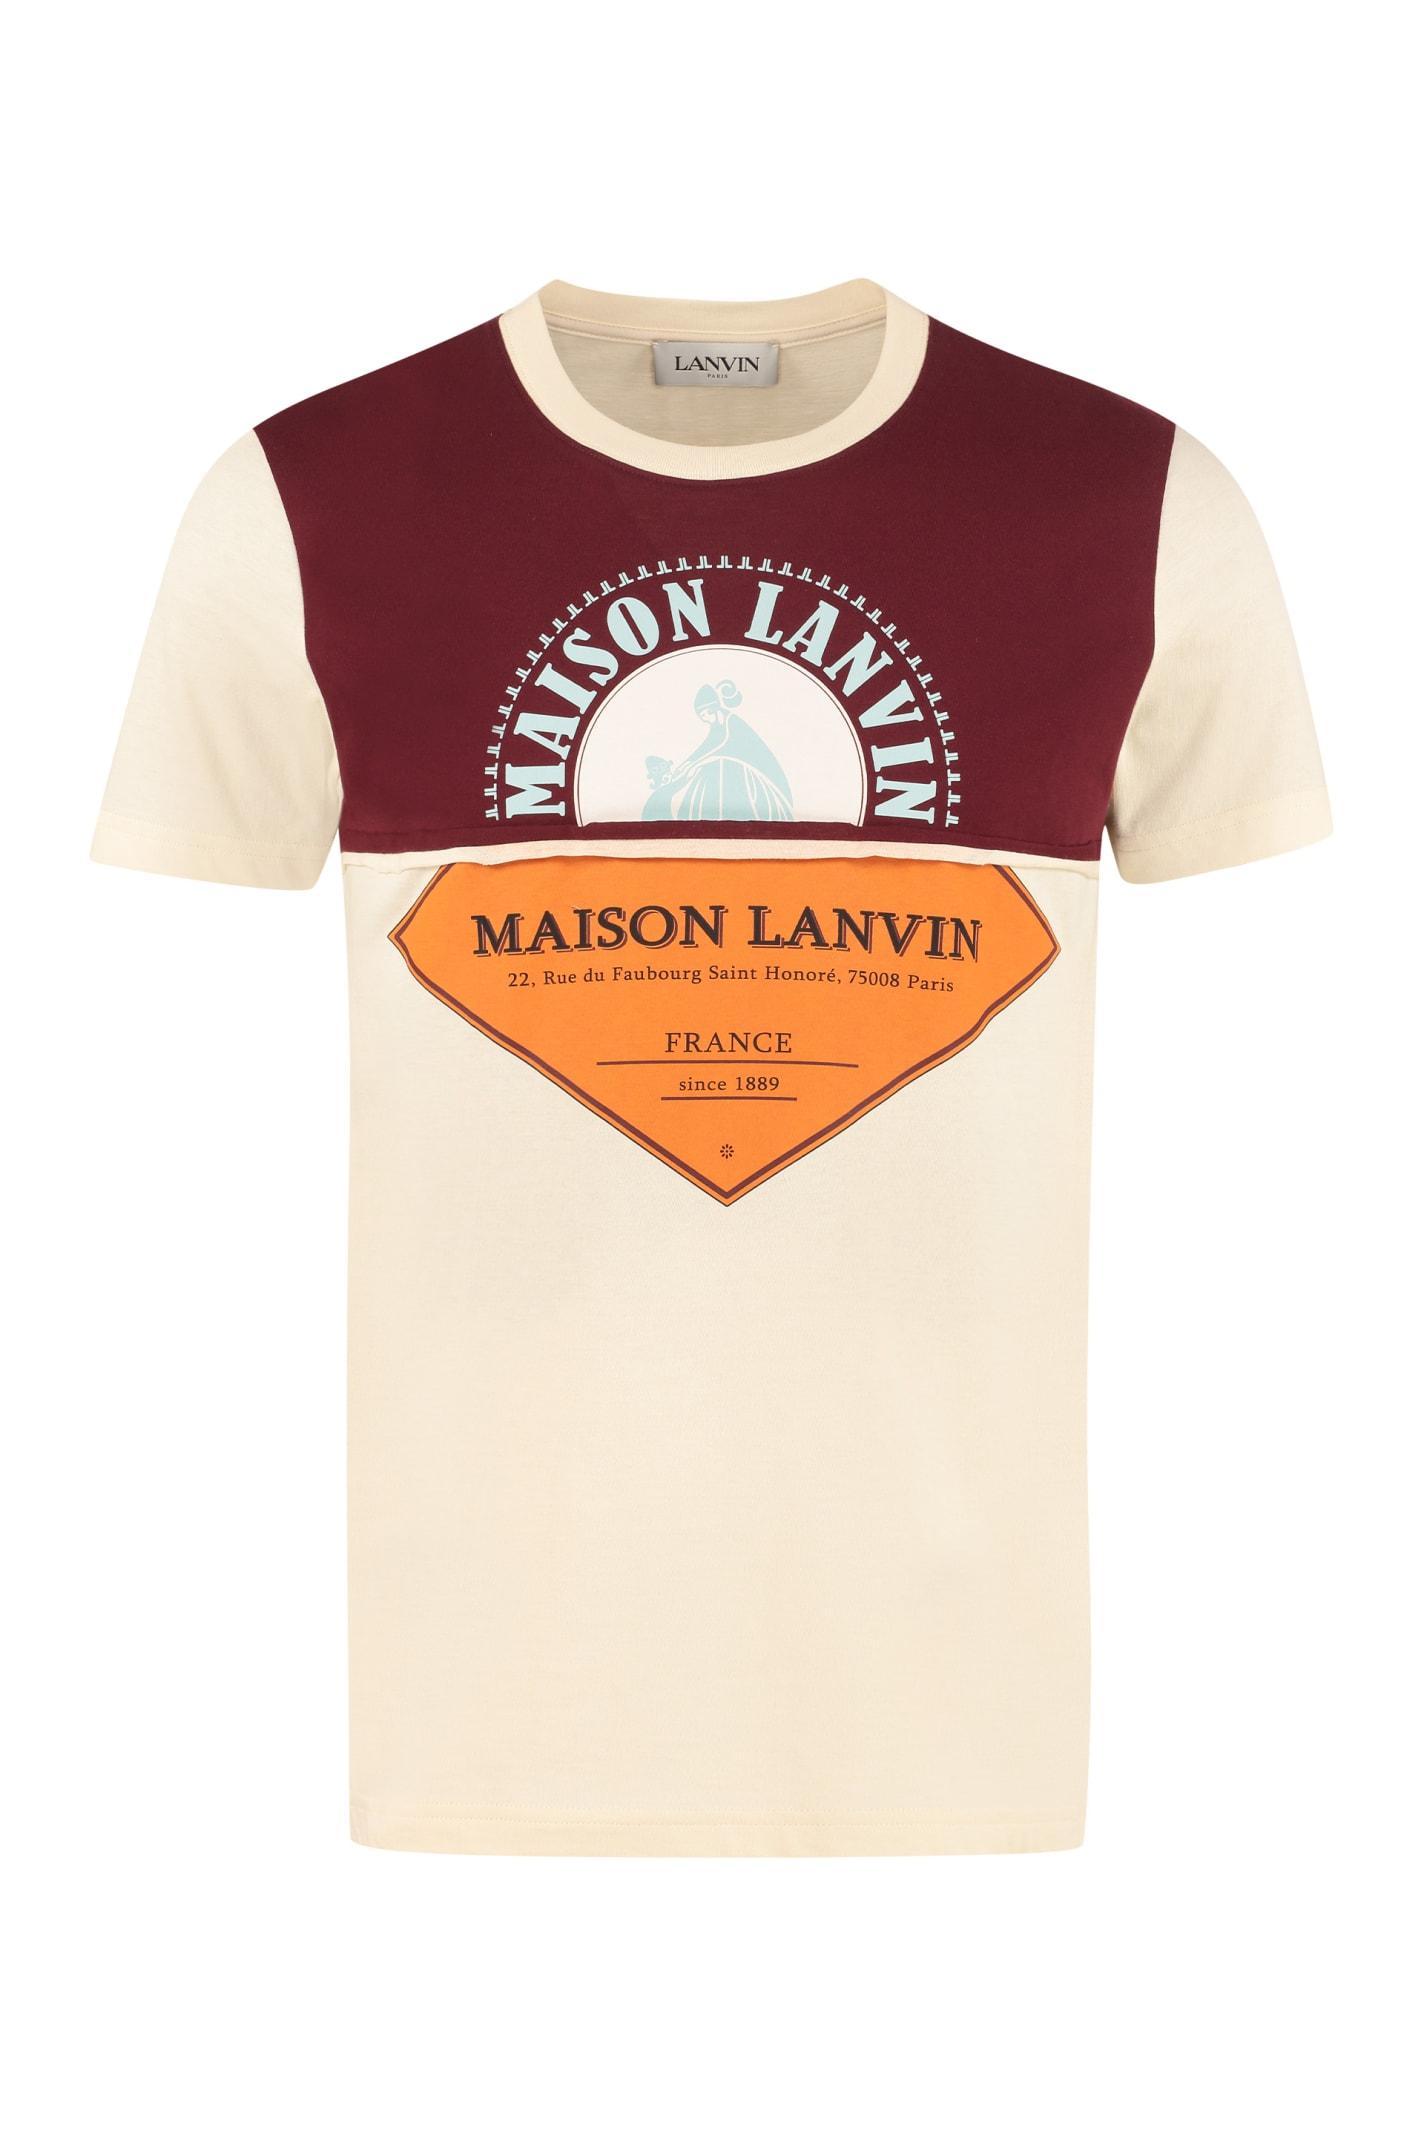 Lanvin Logo Print Cotton T-shirt